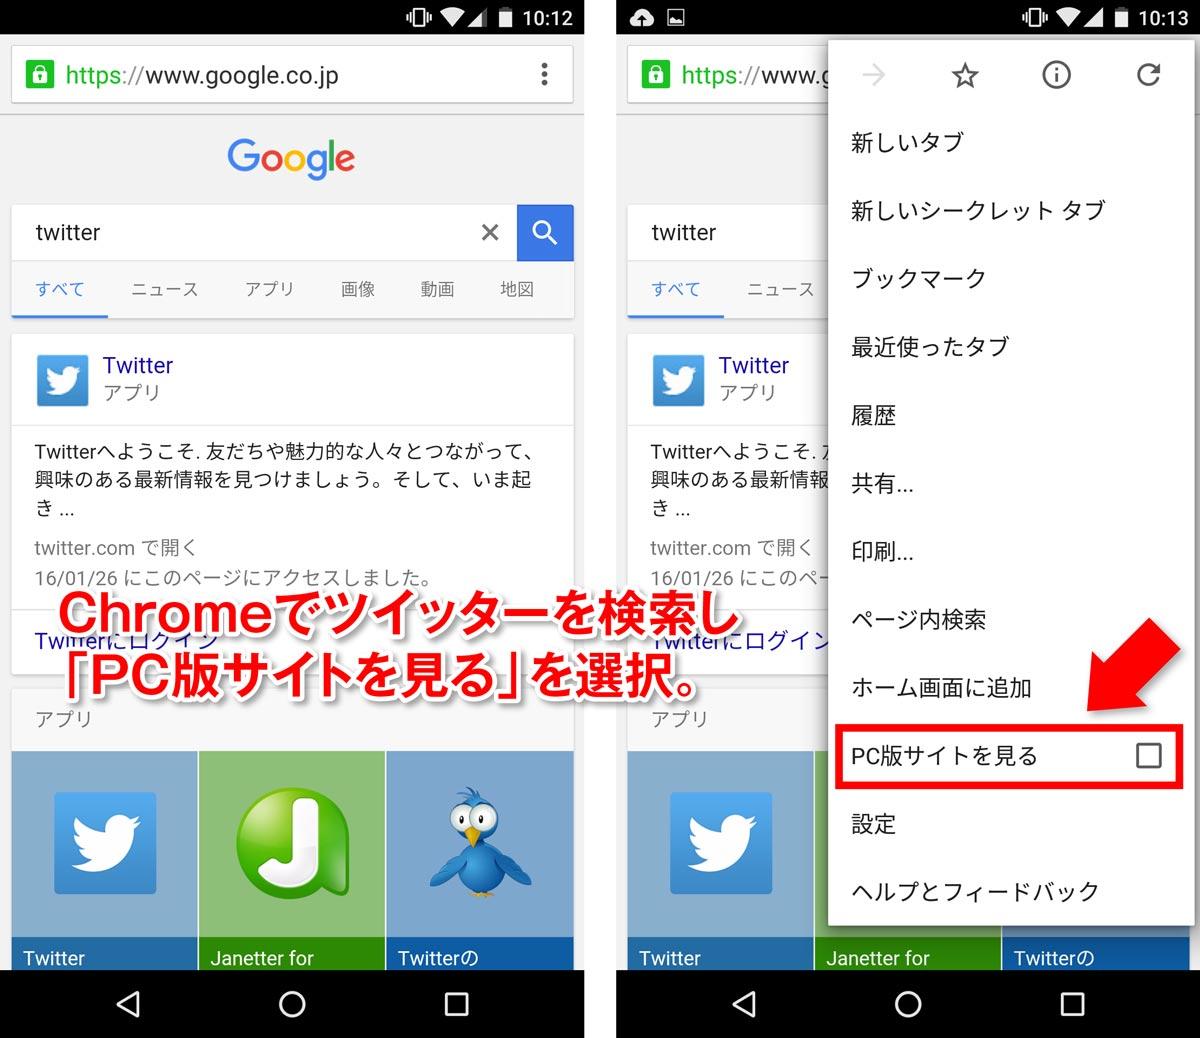 Android Twitter デスクトップモード